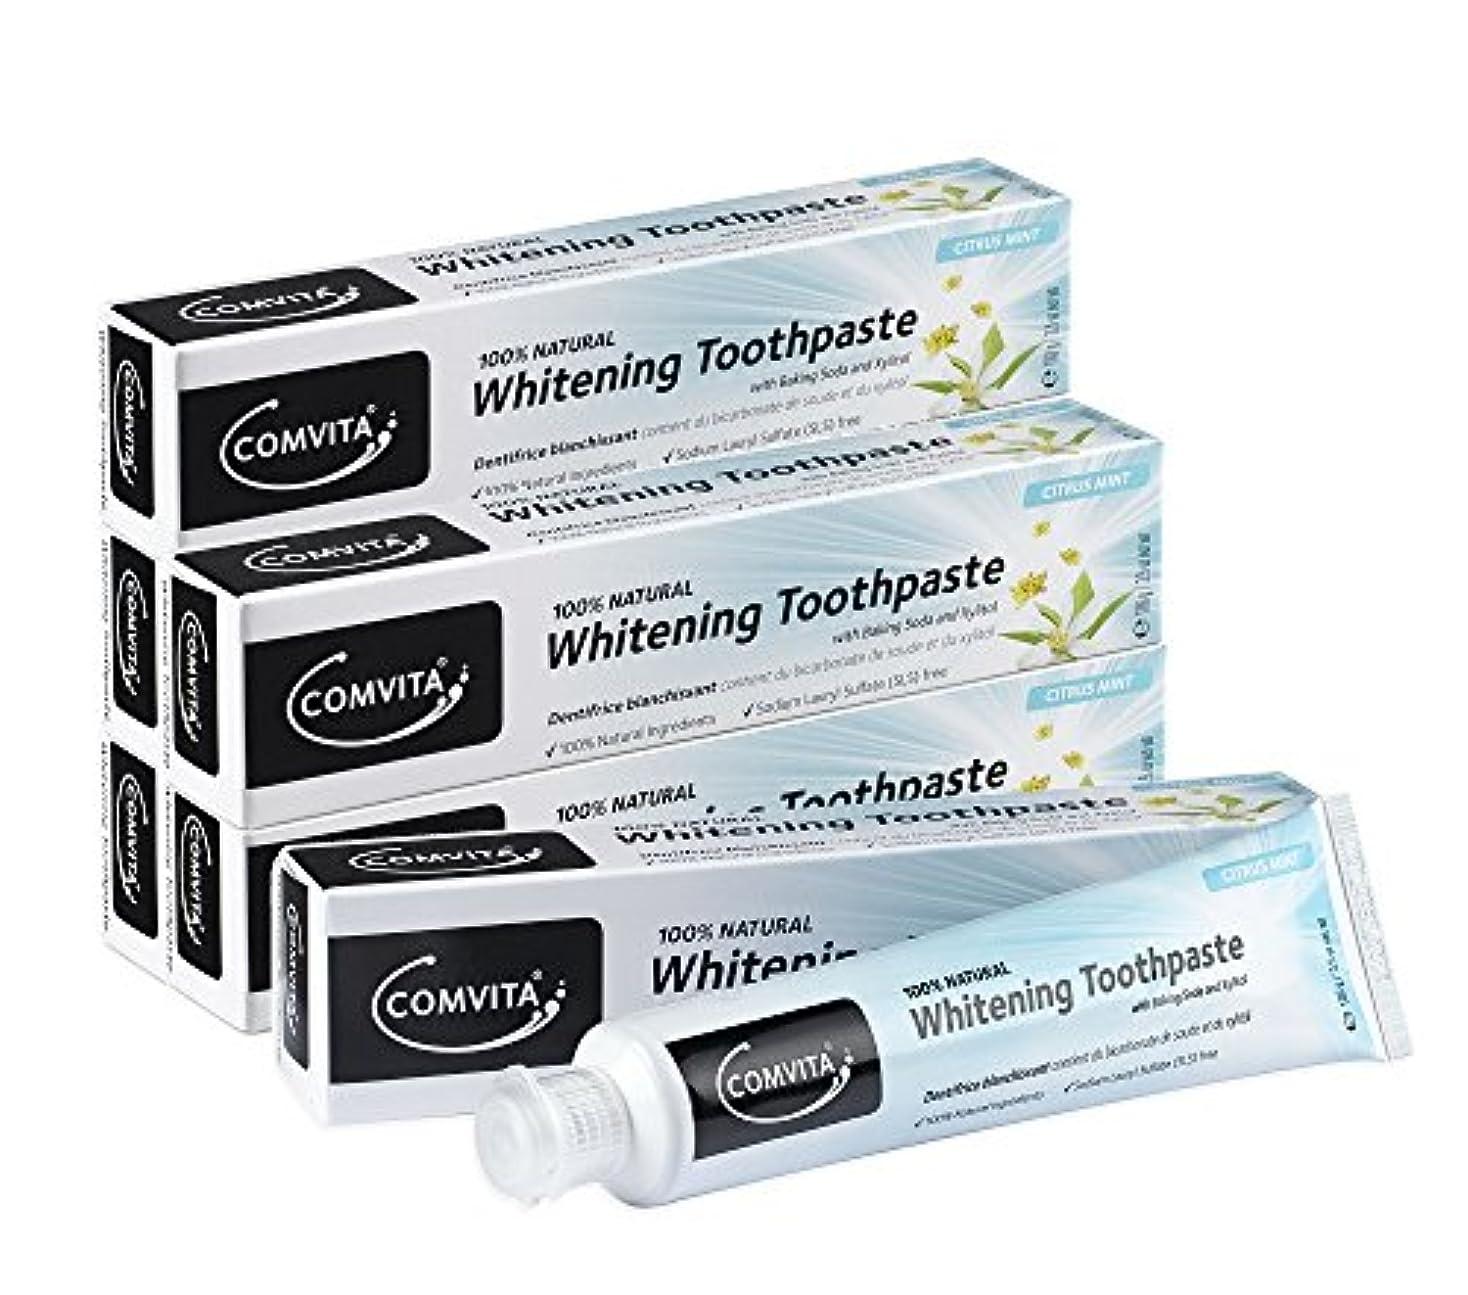 スイス人参加者最初ホワイトニング歯磨き コンビタ 100g お得な6本セット whitening toothpaste